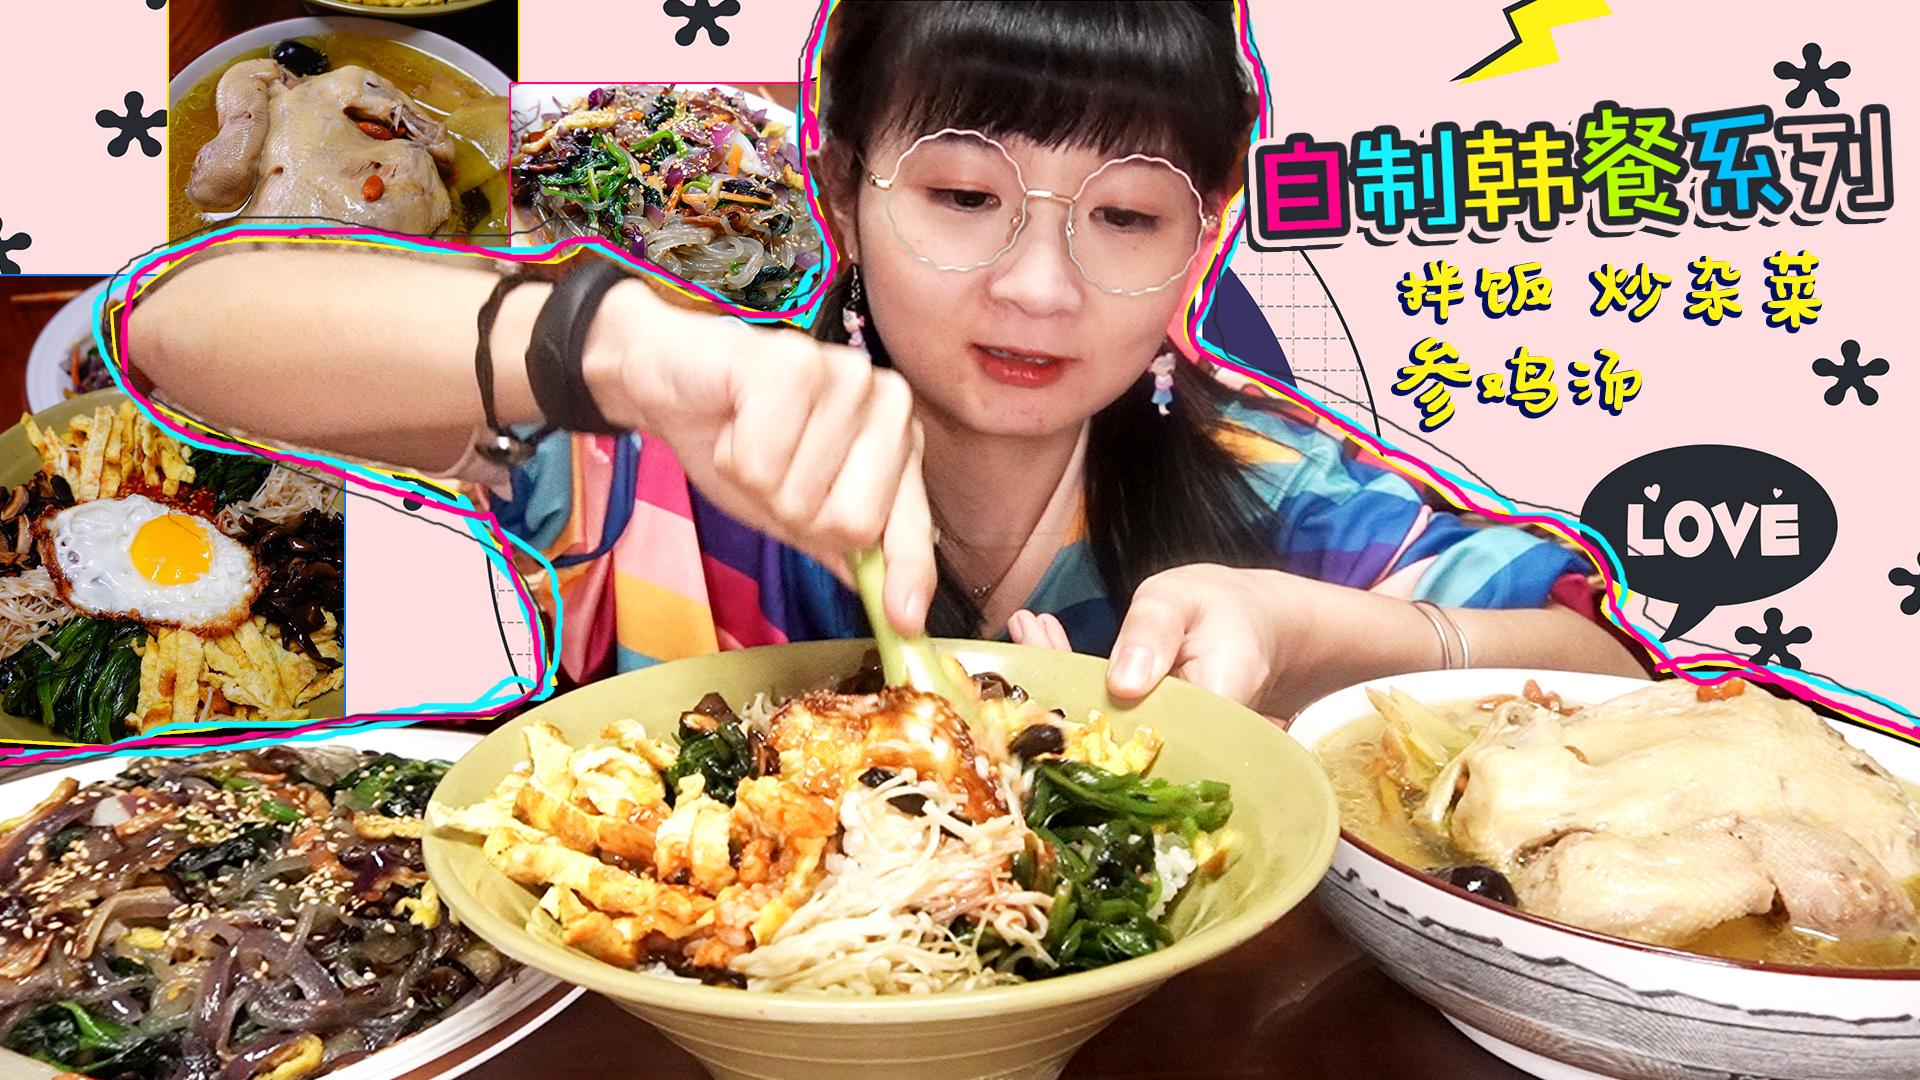 【小猪猪的vlog】宅家自制韩餐,参鸡汤、炒杂菜和没石锅的拌饭